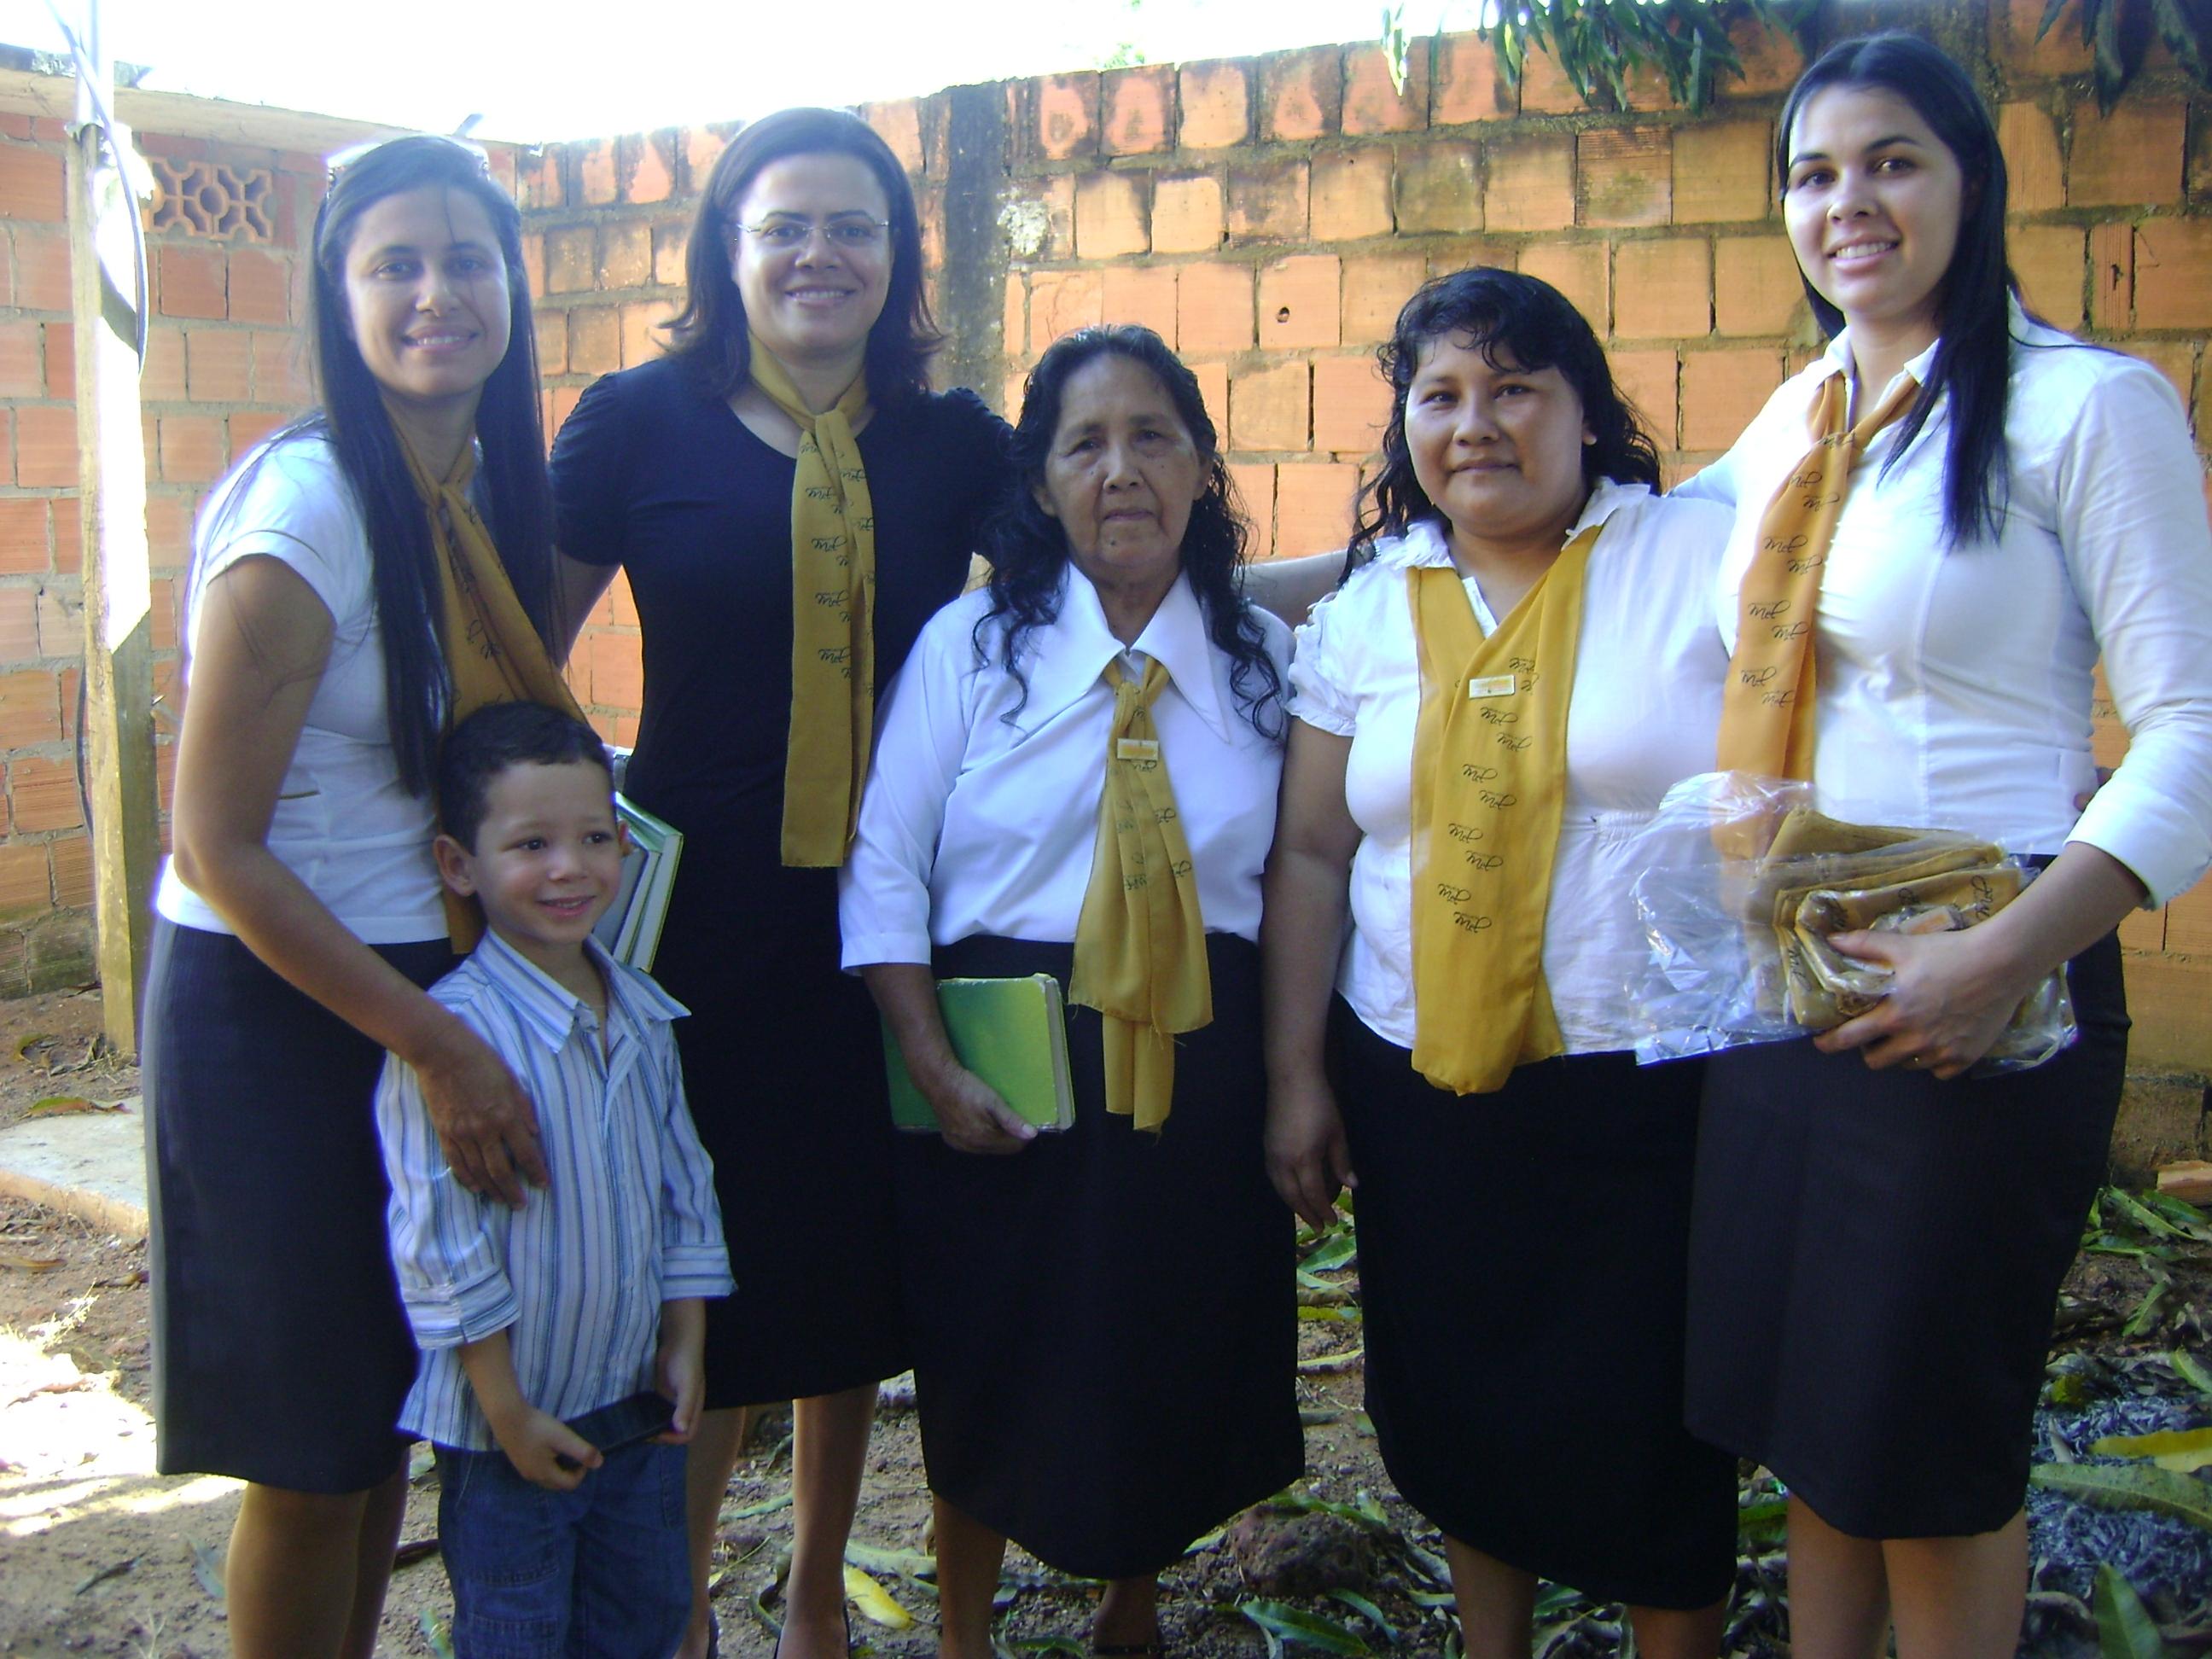 Mulheres indígenas são motivadas a evangelizar.